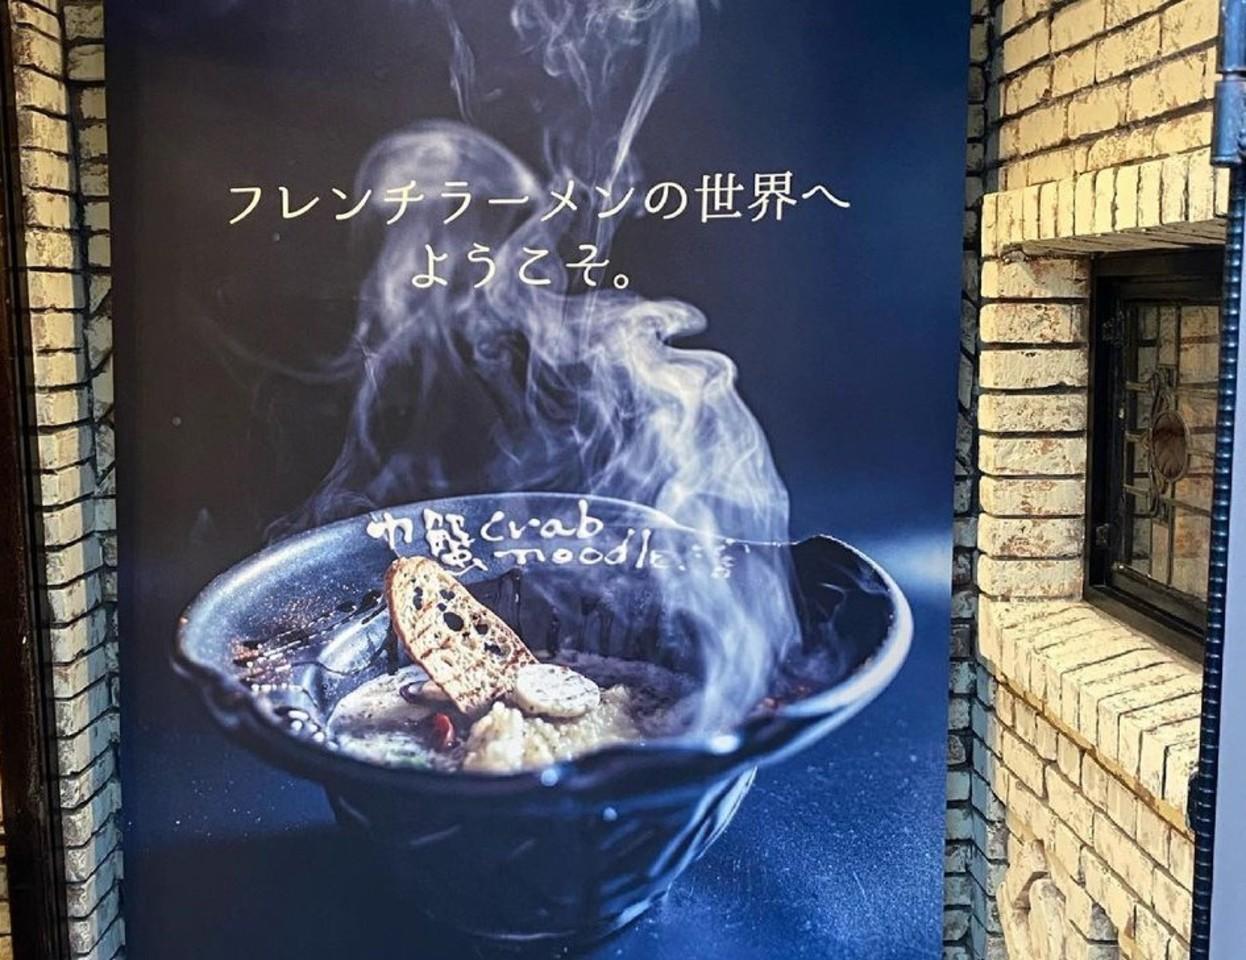 祝!4/15open『カニ蟹クラブヌードル三宮』フレンチラーメン専門店(神戸市中央区)